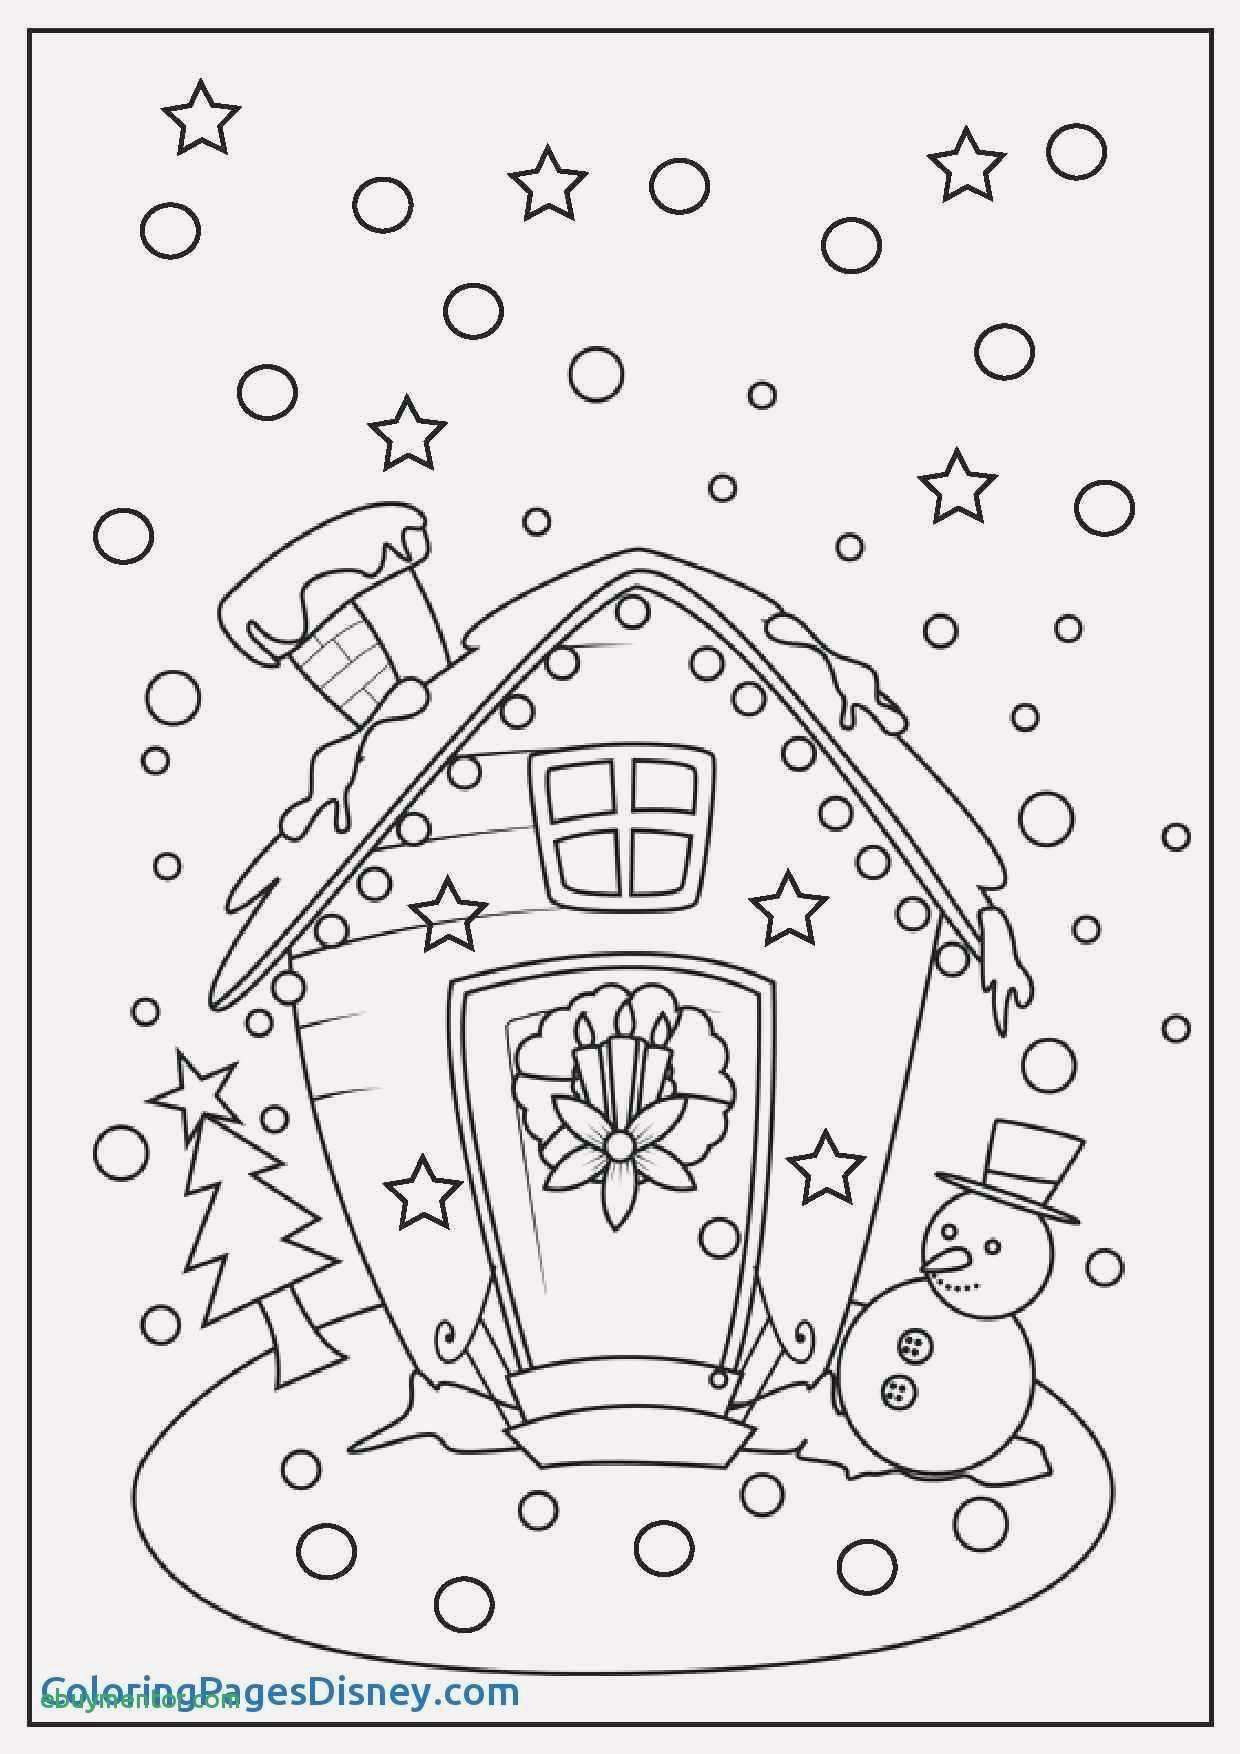 Ausmalbilder Weihnachten Engel Neu 25 Erstaunlich Ausmalbilder Weihnachten Olaf Design Von Engel Zu Bilder